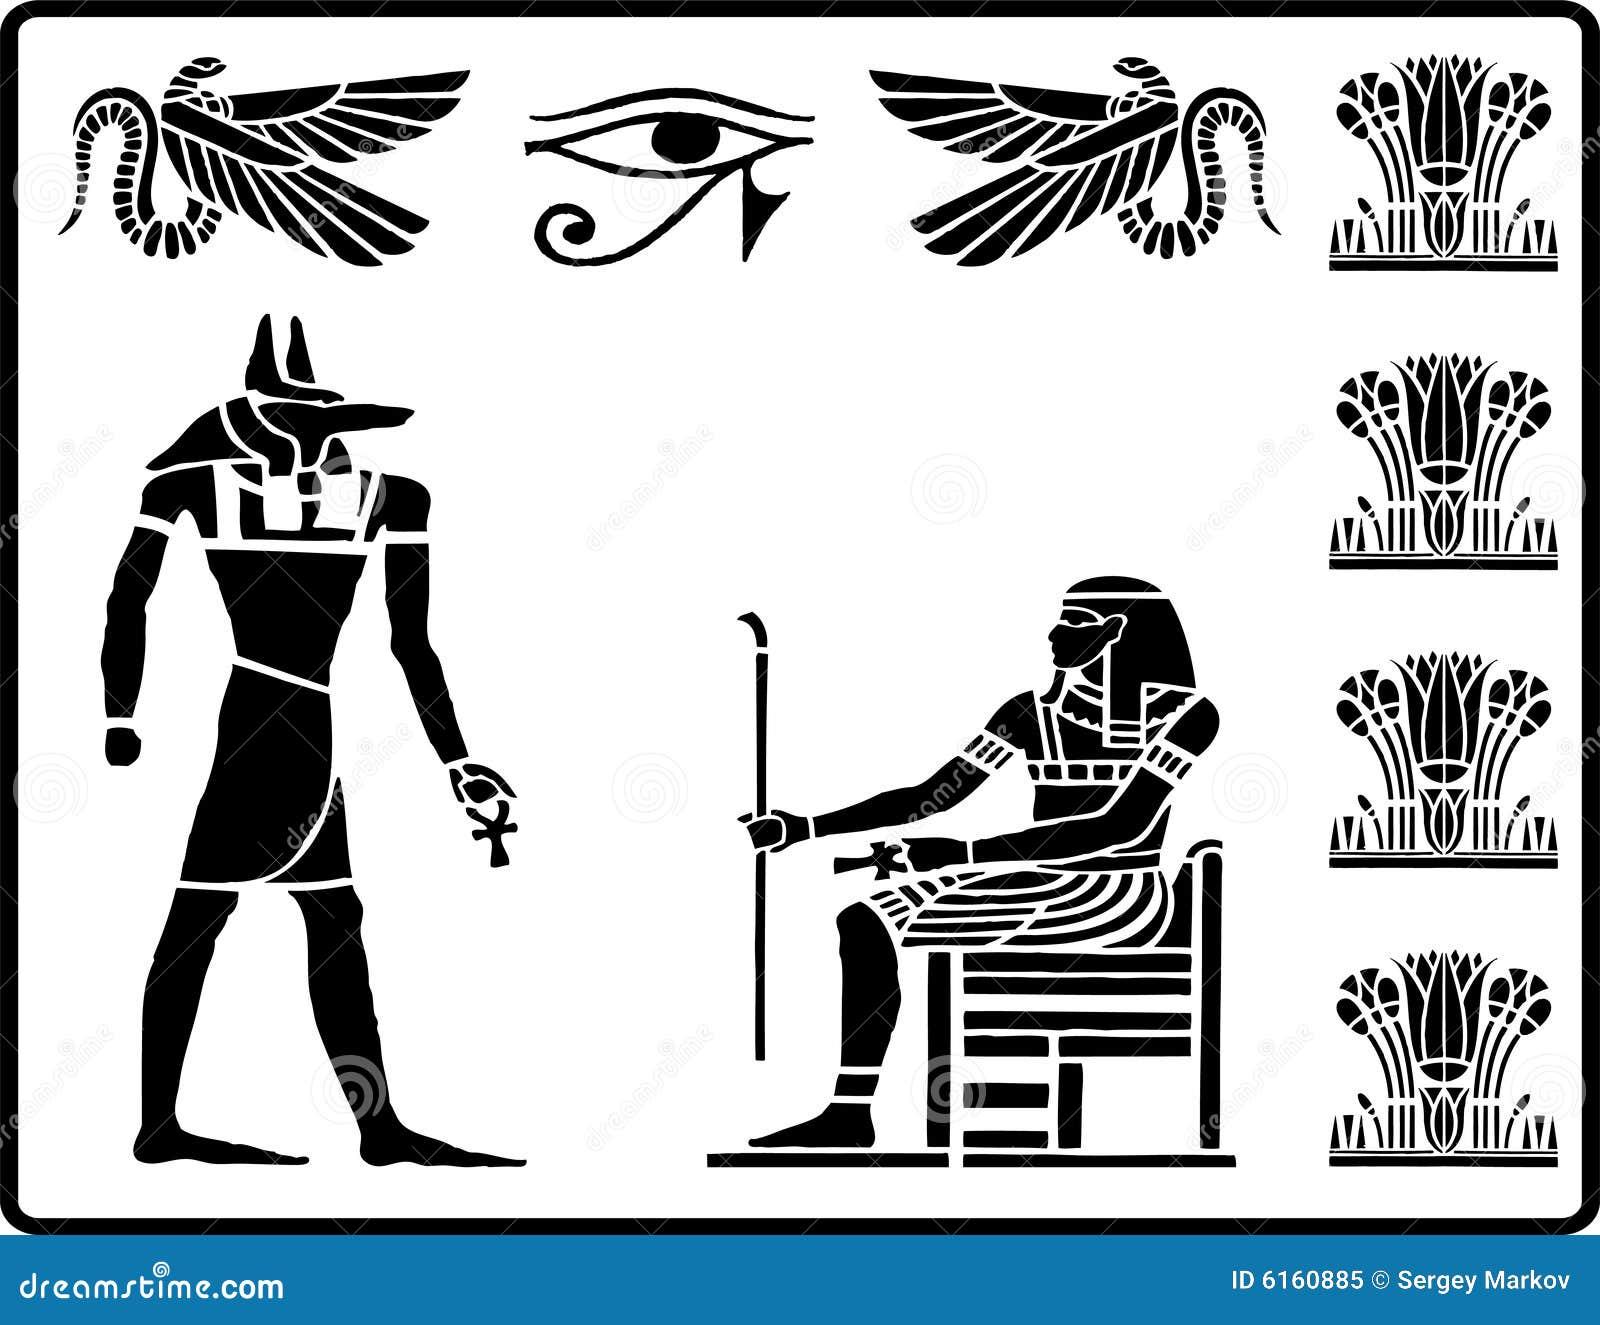 Hiéroglyphes égyptiens - 2